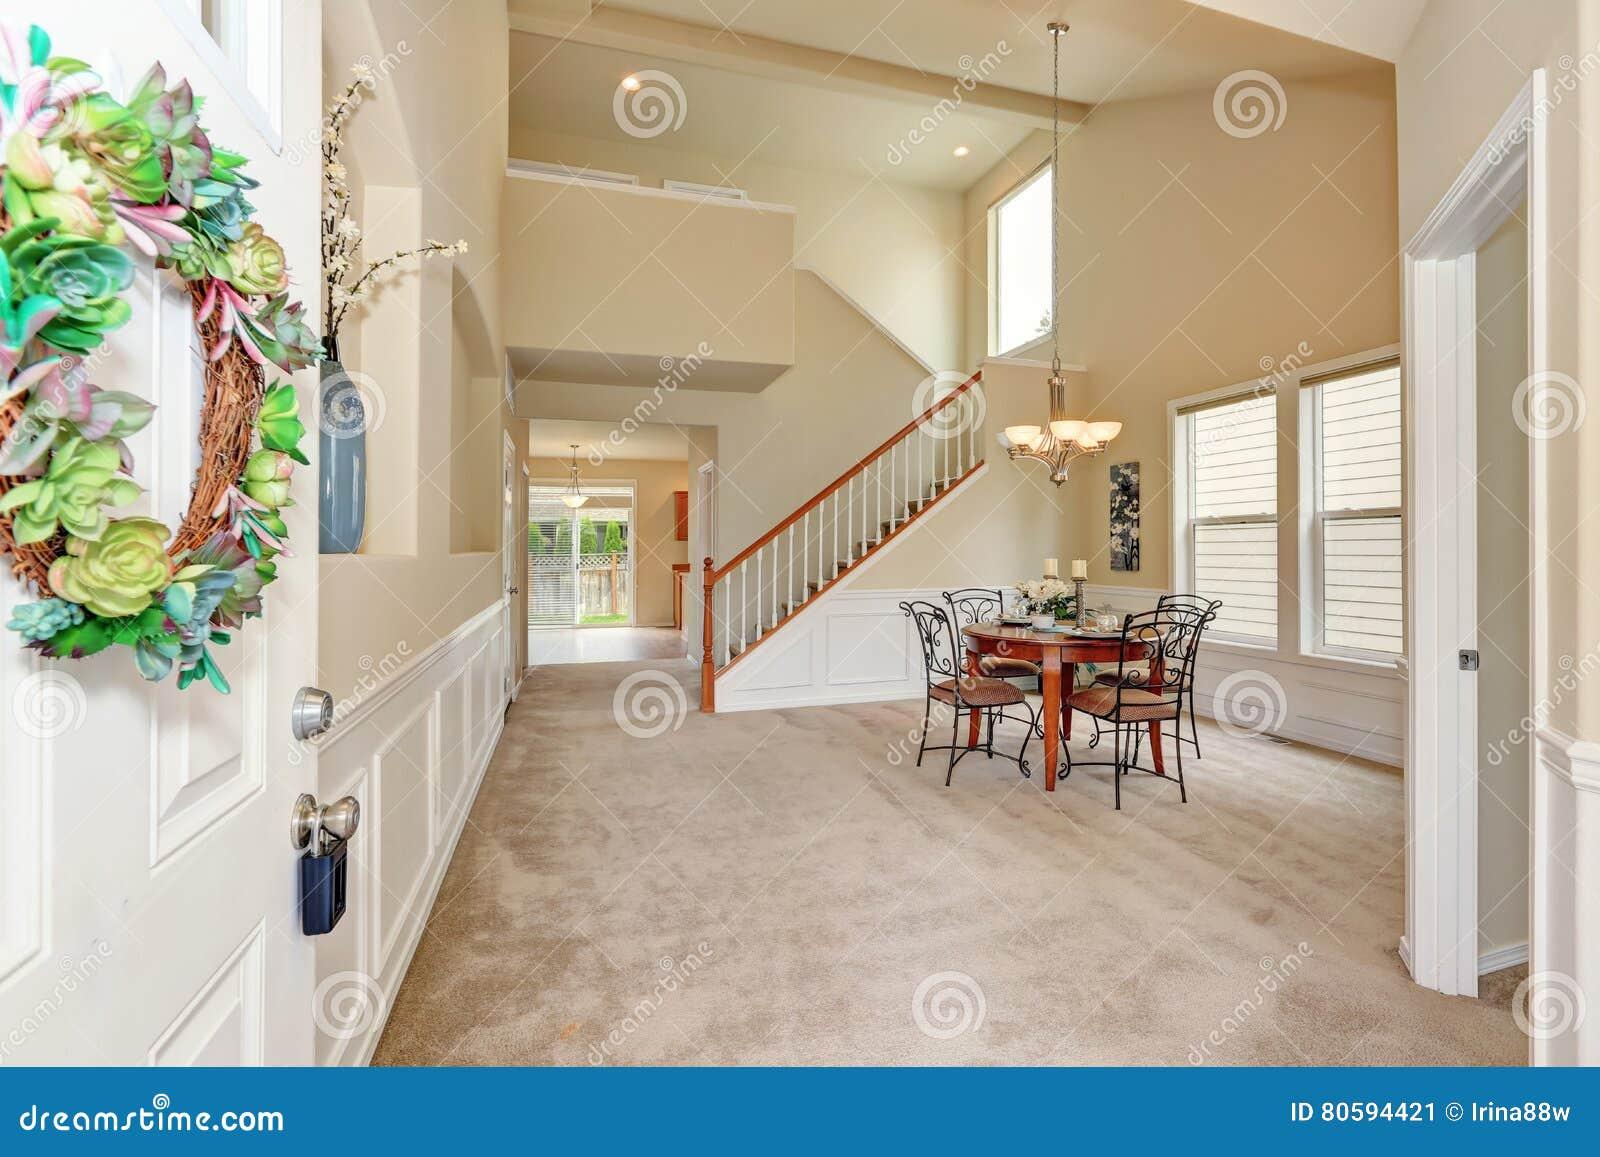 Ceiling Chairs Dining Door Elegant Floor Front Interior Room